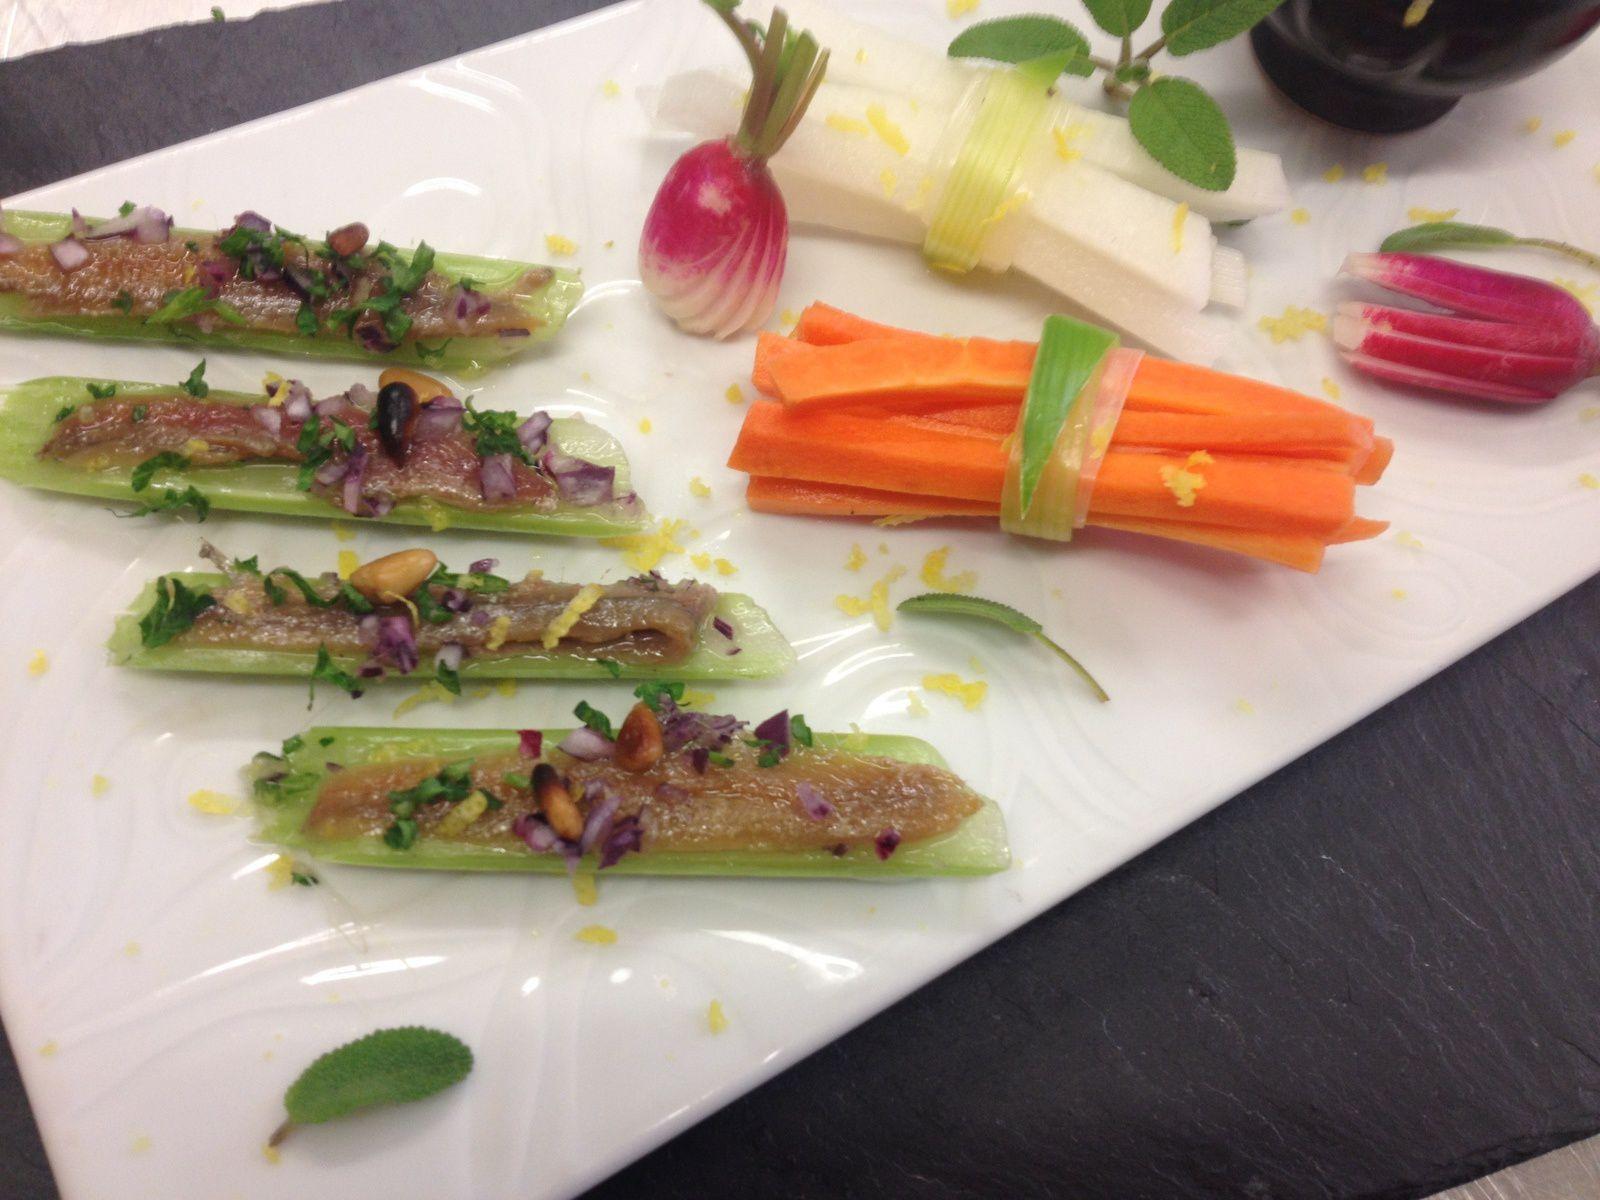 céleri macéré et anchois - batonets de carottes - radis